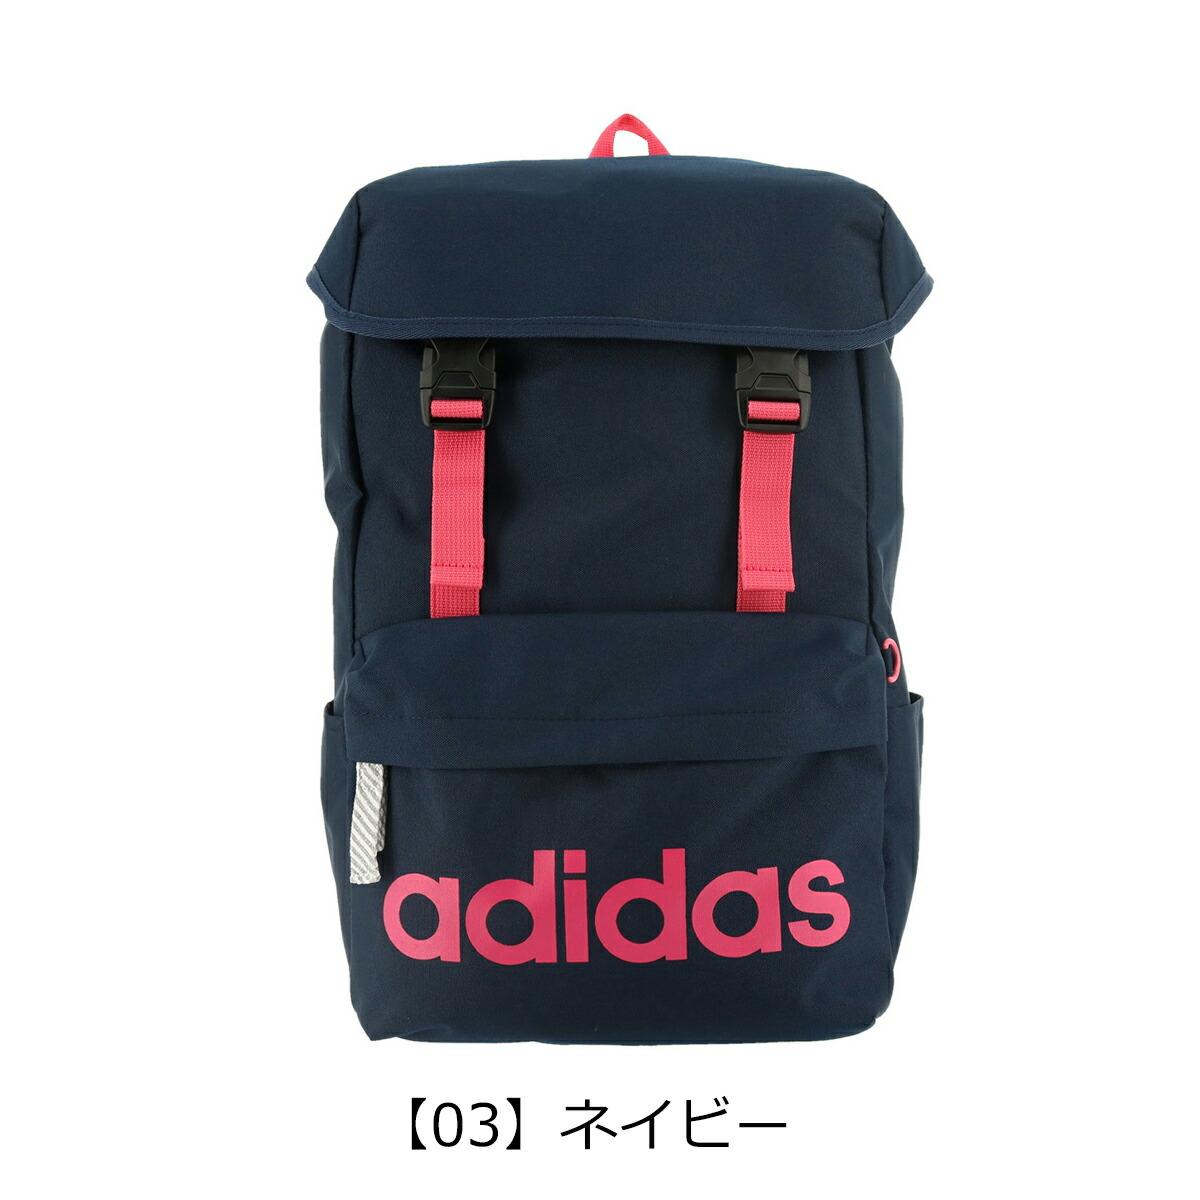 【04】ネイビー×グリーン